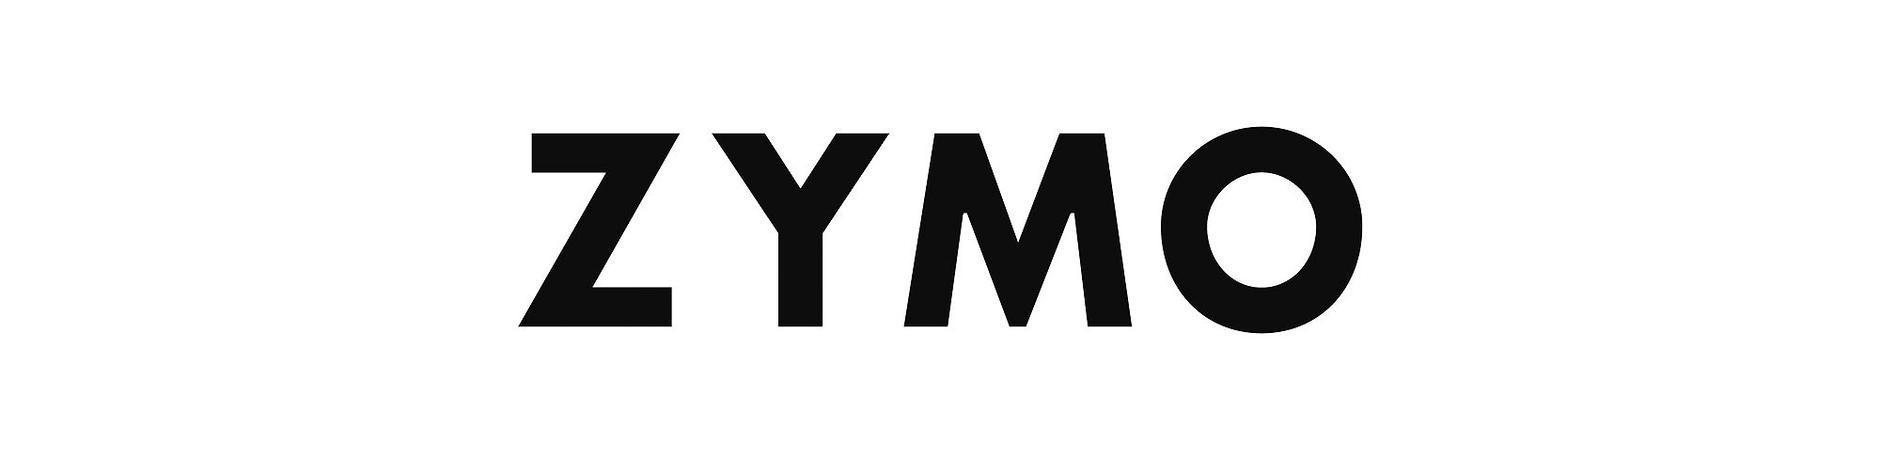 ZYMO netshop